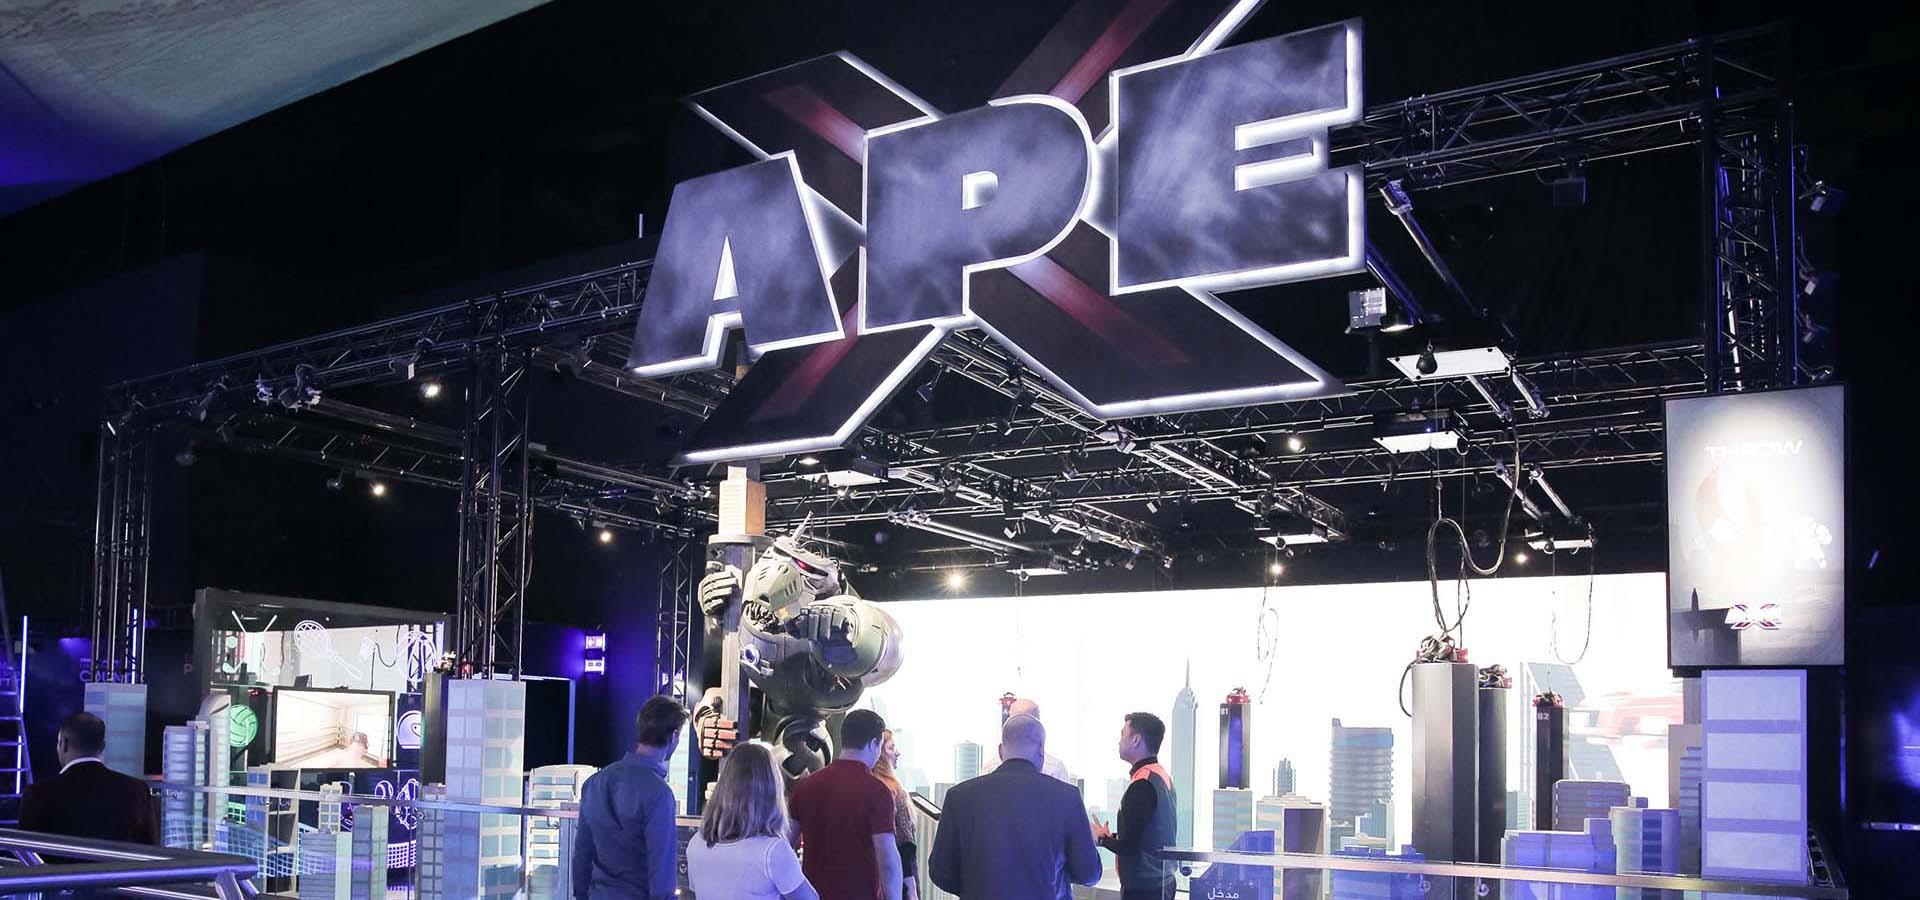 StarVR Powers Emaar Entertainment's VR Park in Dubai